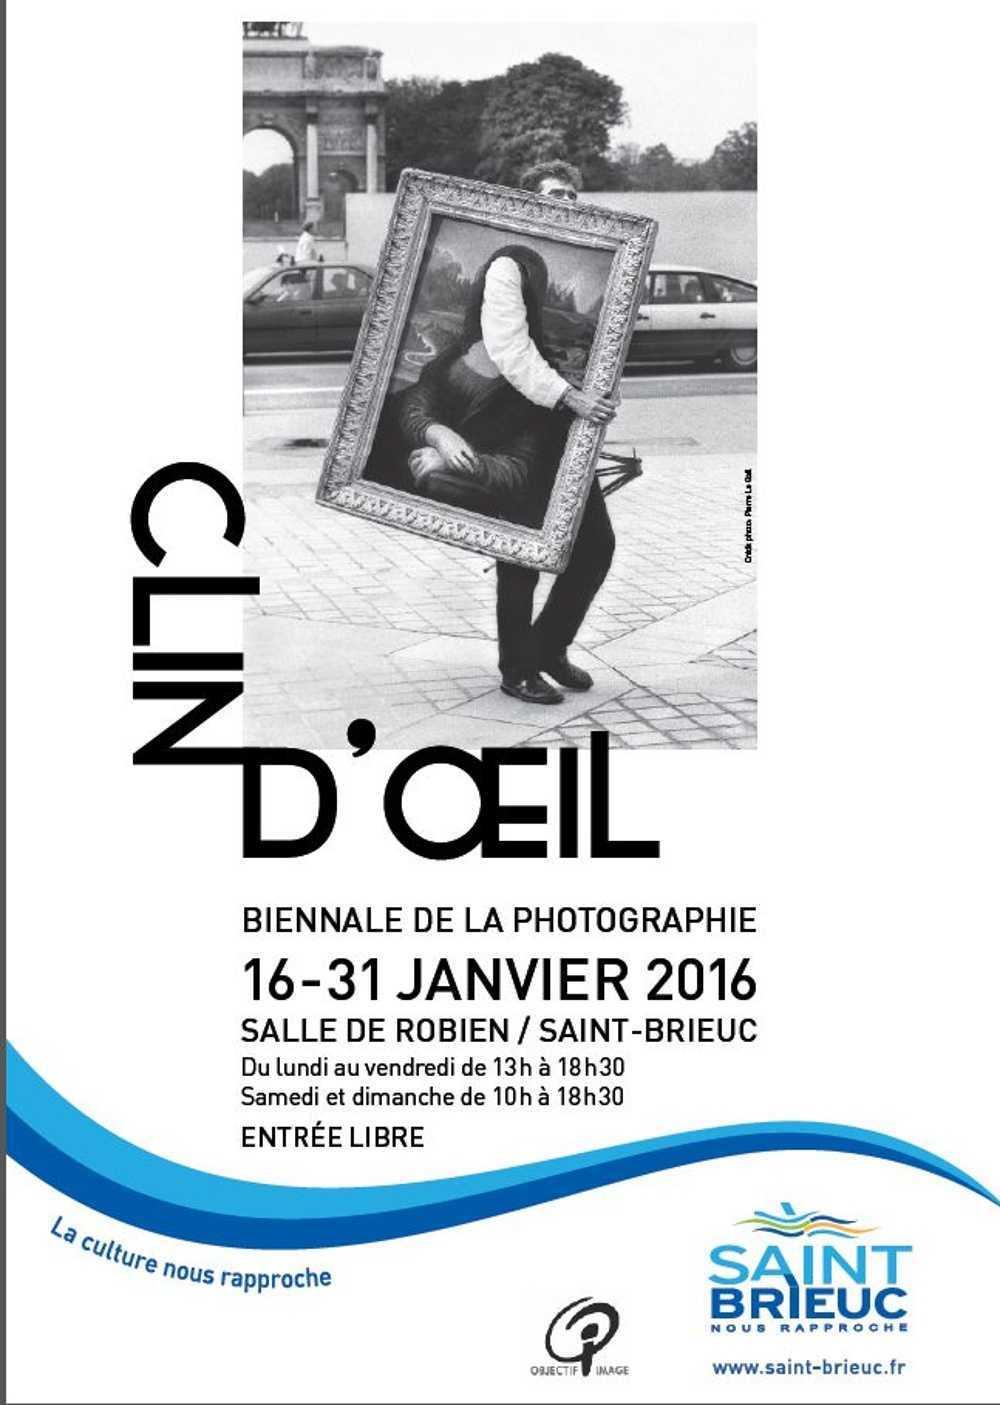 Olivier Sola invité d''honneur de Clin d''oeil, biennale de la photographie 0